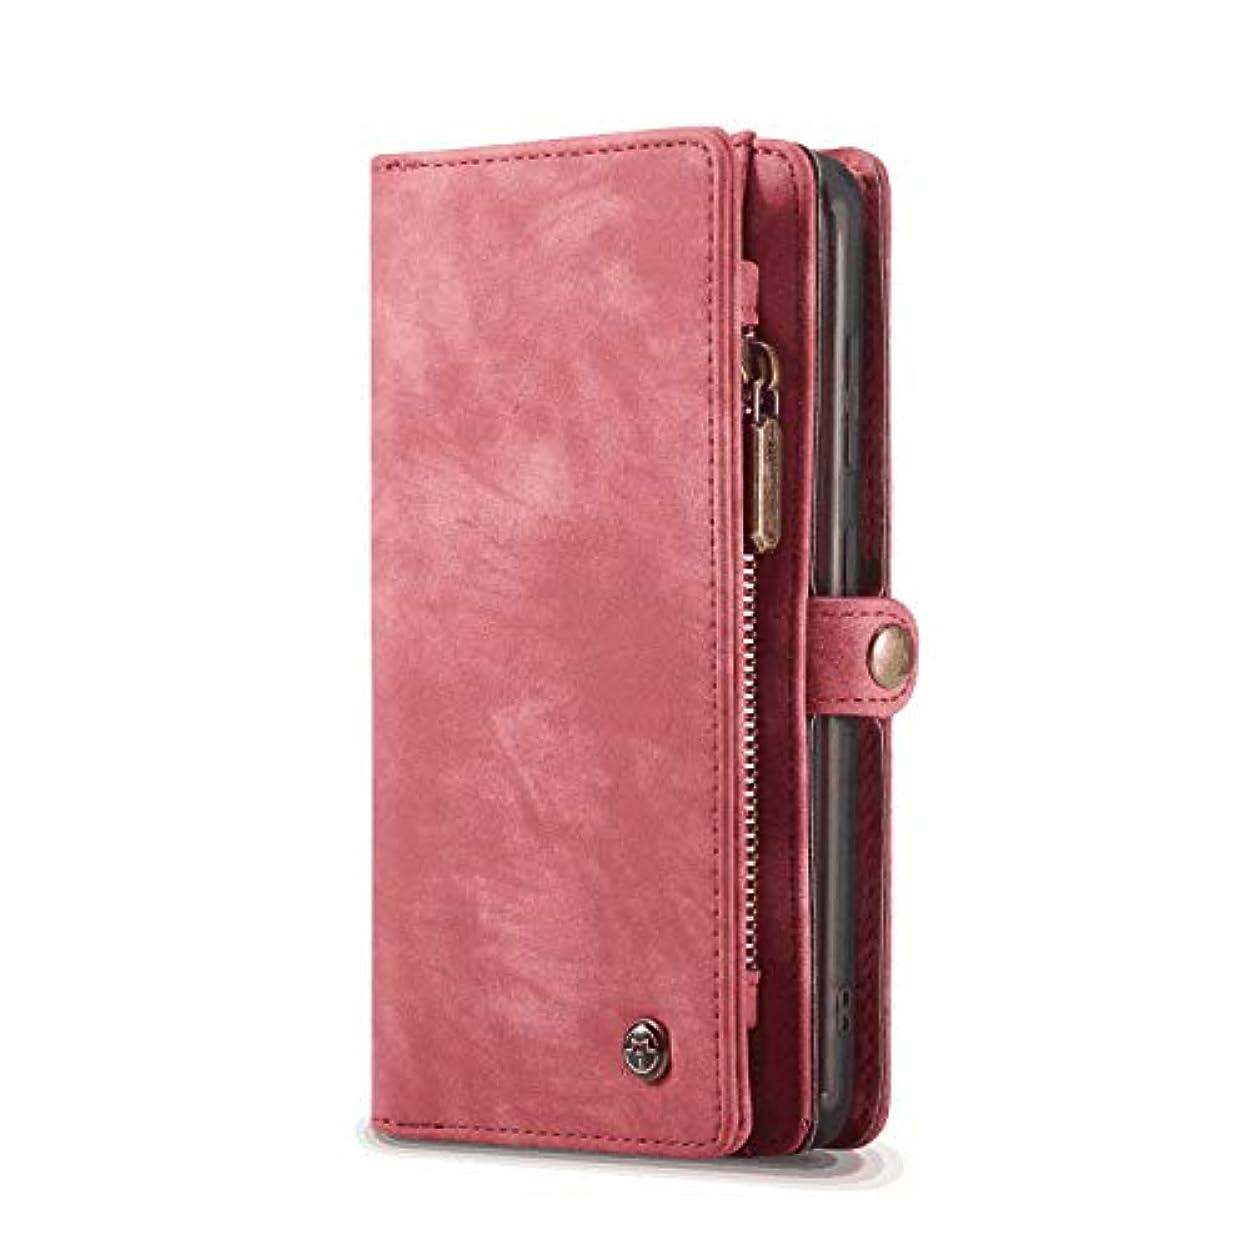 鮮やかなワークショップミッション手帳型 ケース 対応 サムスン ギャラクシー Samsung Galaxy ノート Note 10, PUレザー 本革 耐衝撃 財布 カバー収納 スマートフォンケース